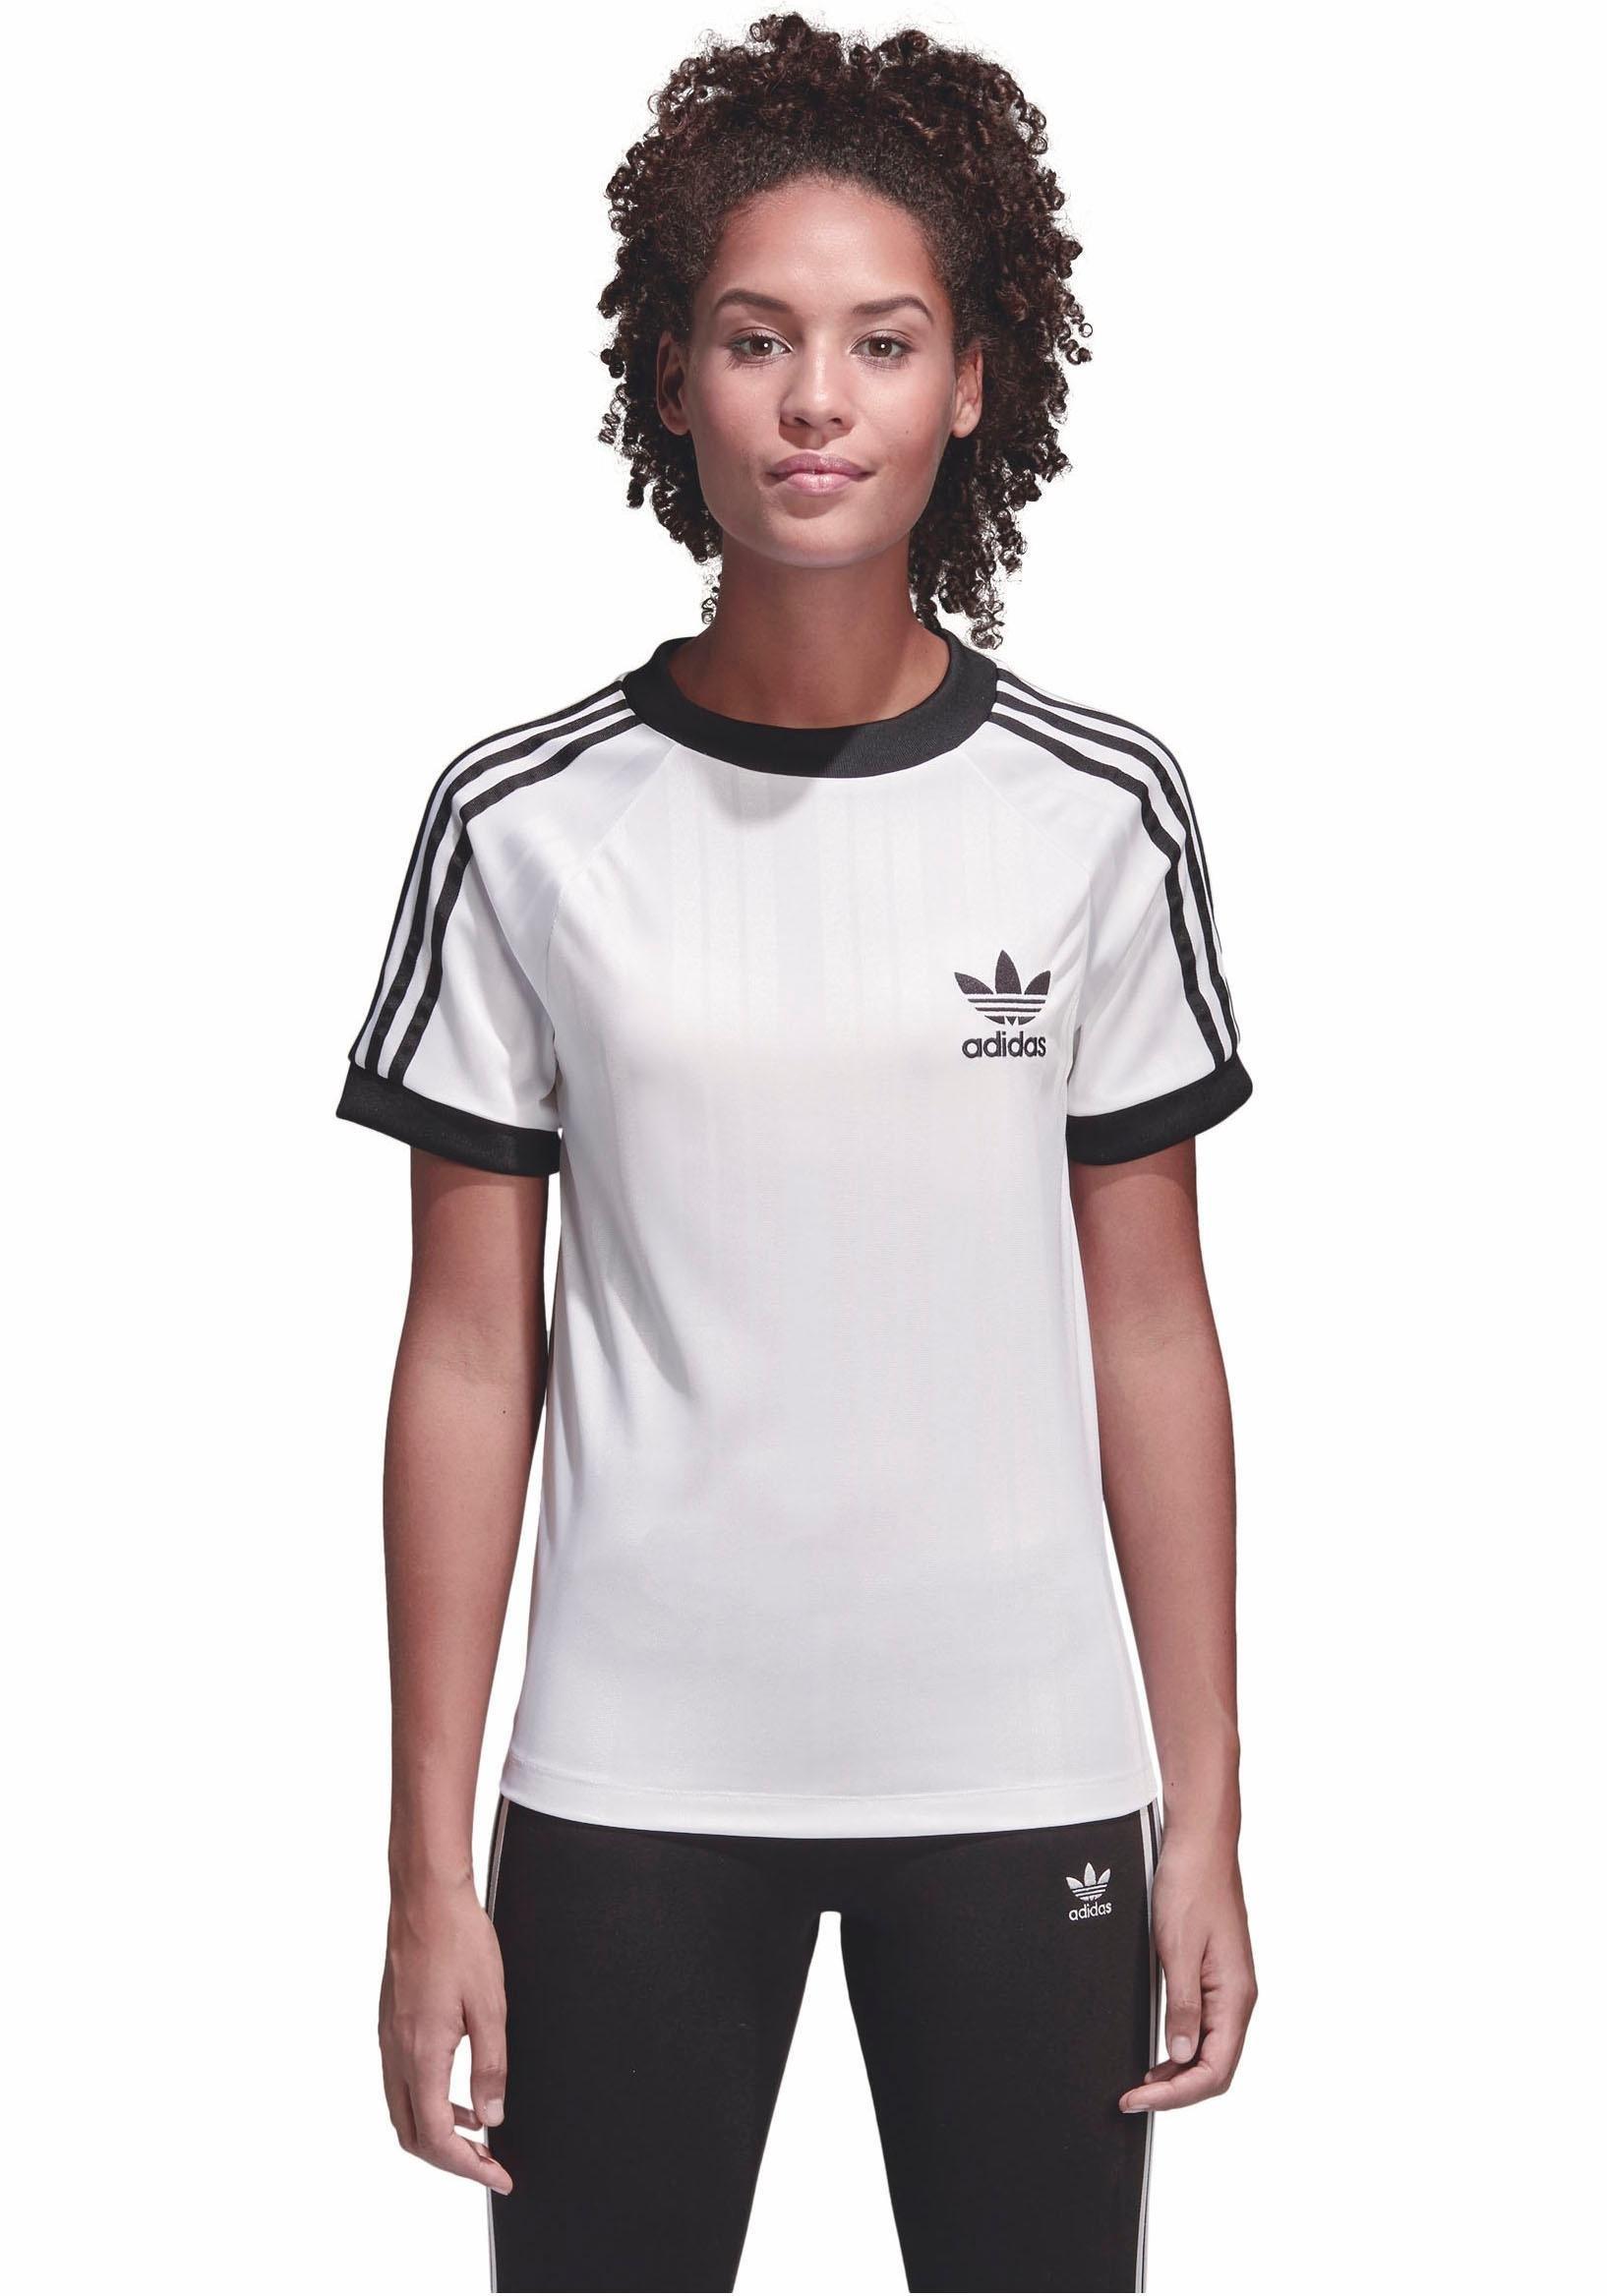 adidas Originals T-shirt »SC TSHIRT FOOTB« online kopen op otto.nl